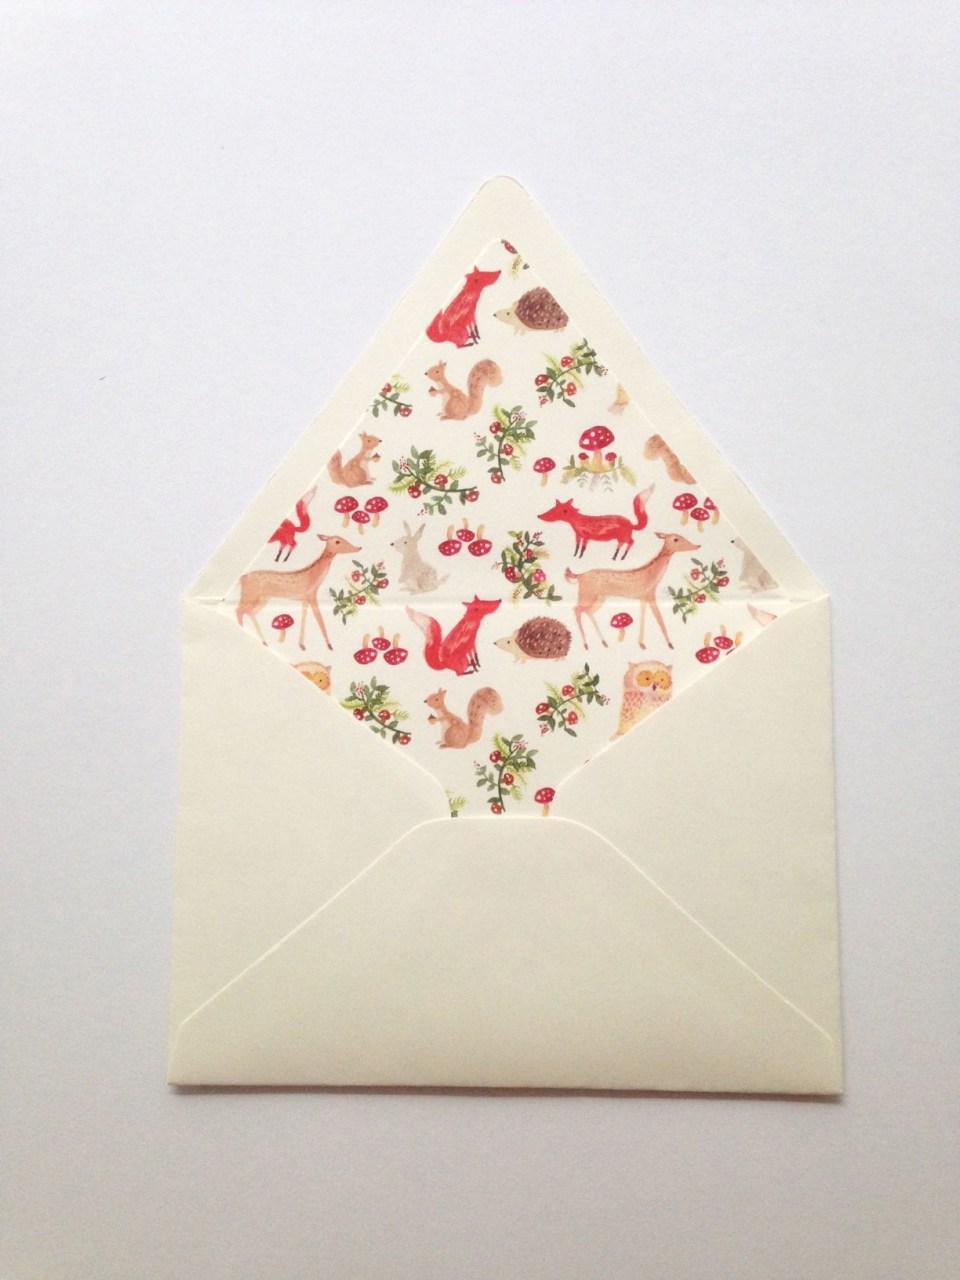 loving-stationery-papercrane-woodland-set-04